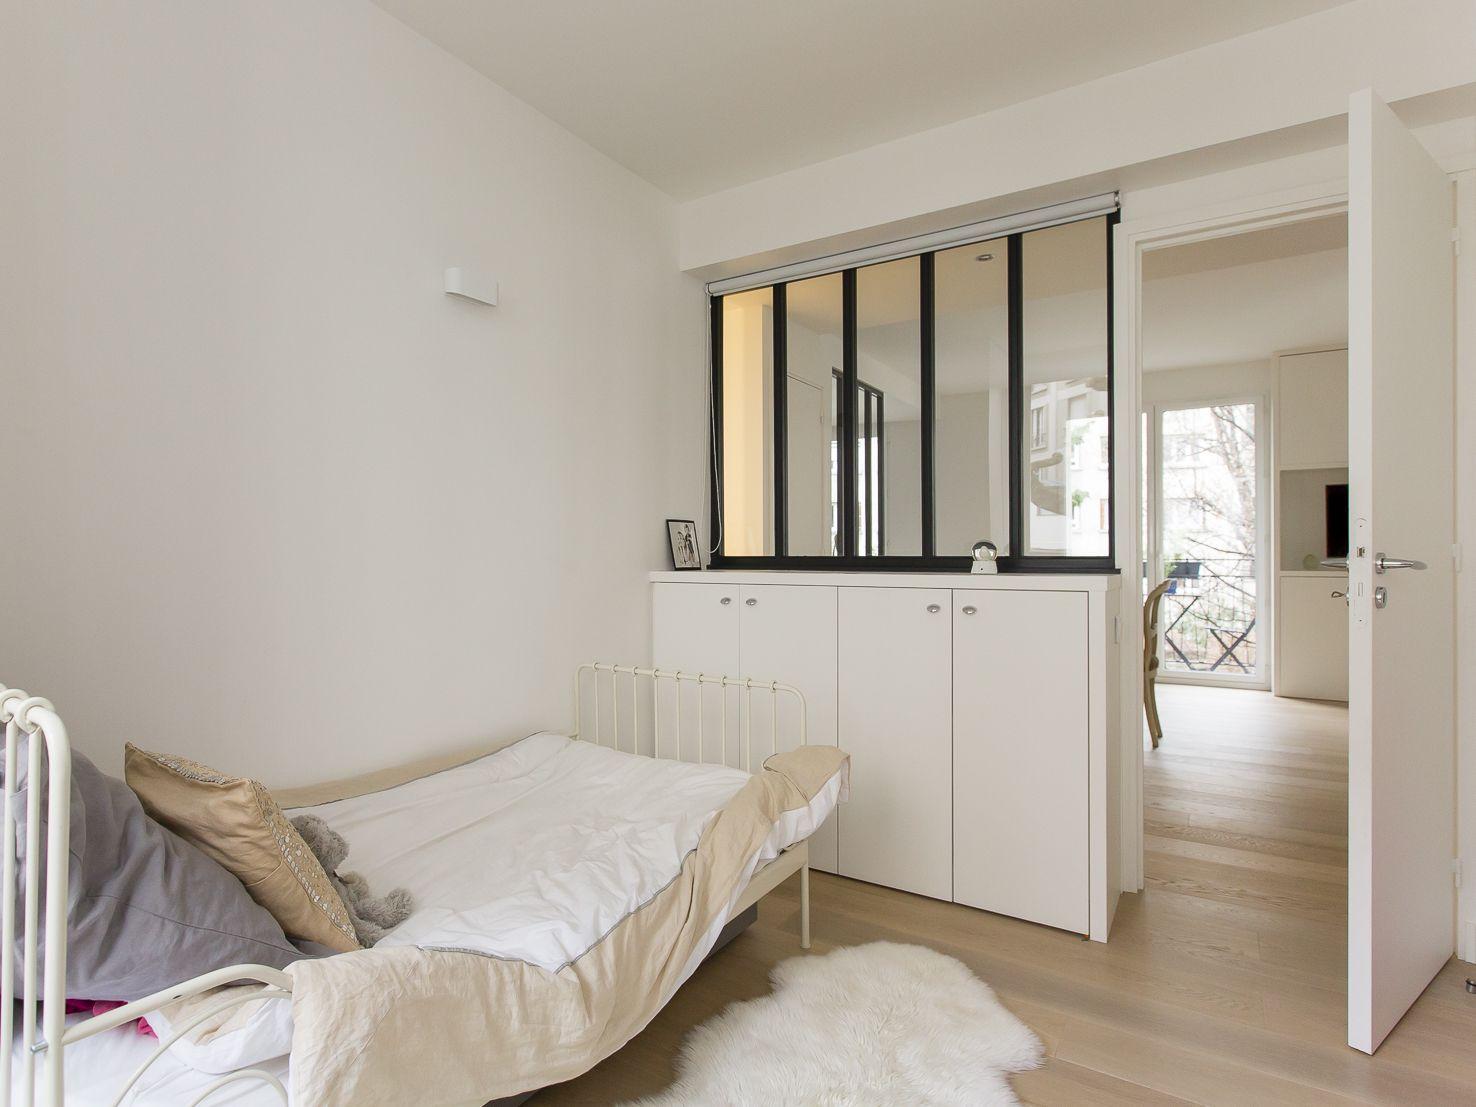 Chambre Verriere Of Chambre Et Verri Re R Alisation Cda Design Chambre